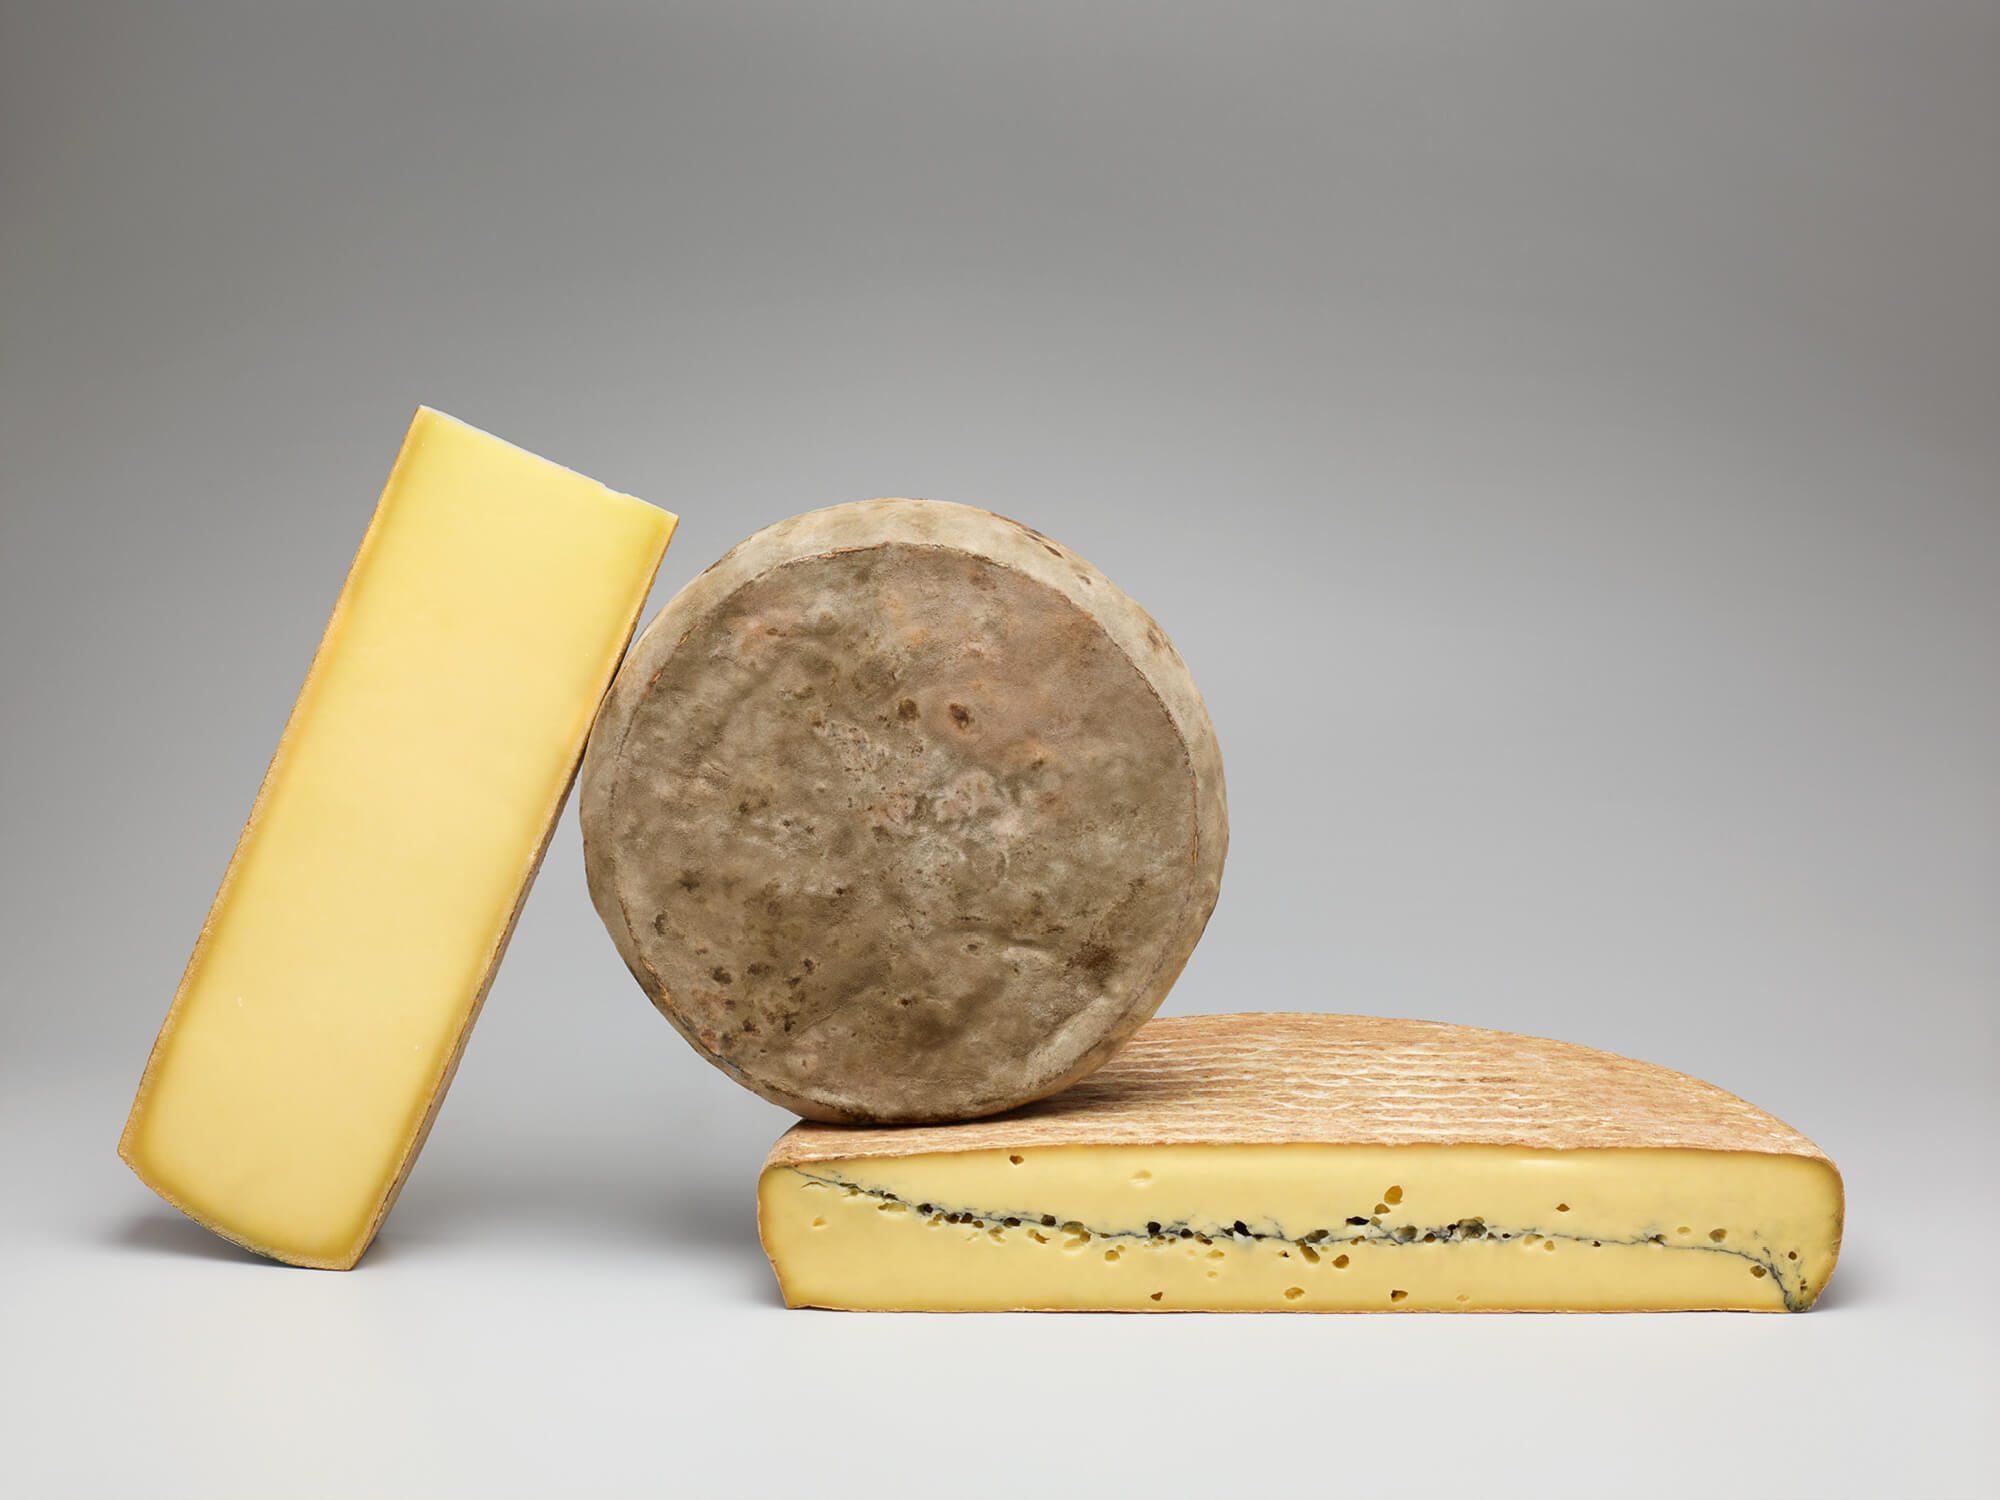 Aux trois fromages, photographie de Tania et Vincent, direction artistique IchetKar